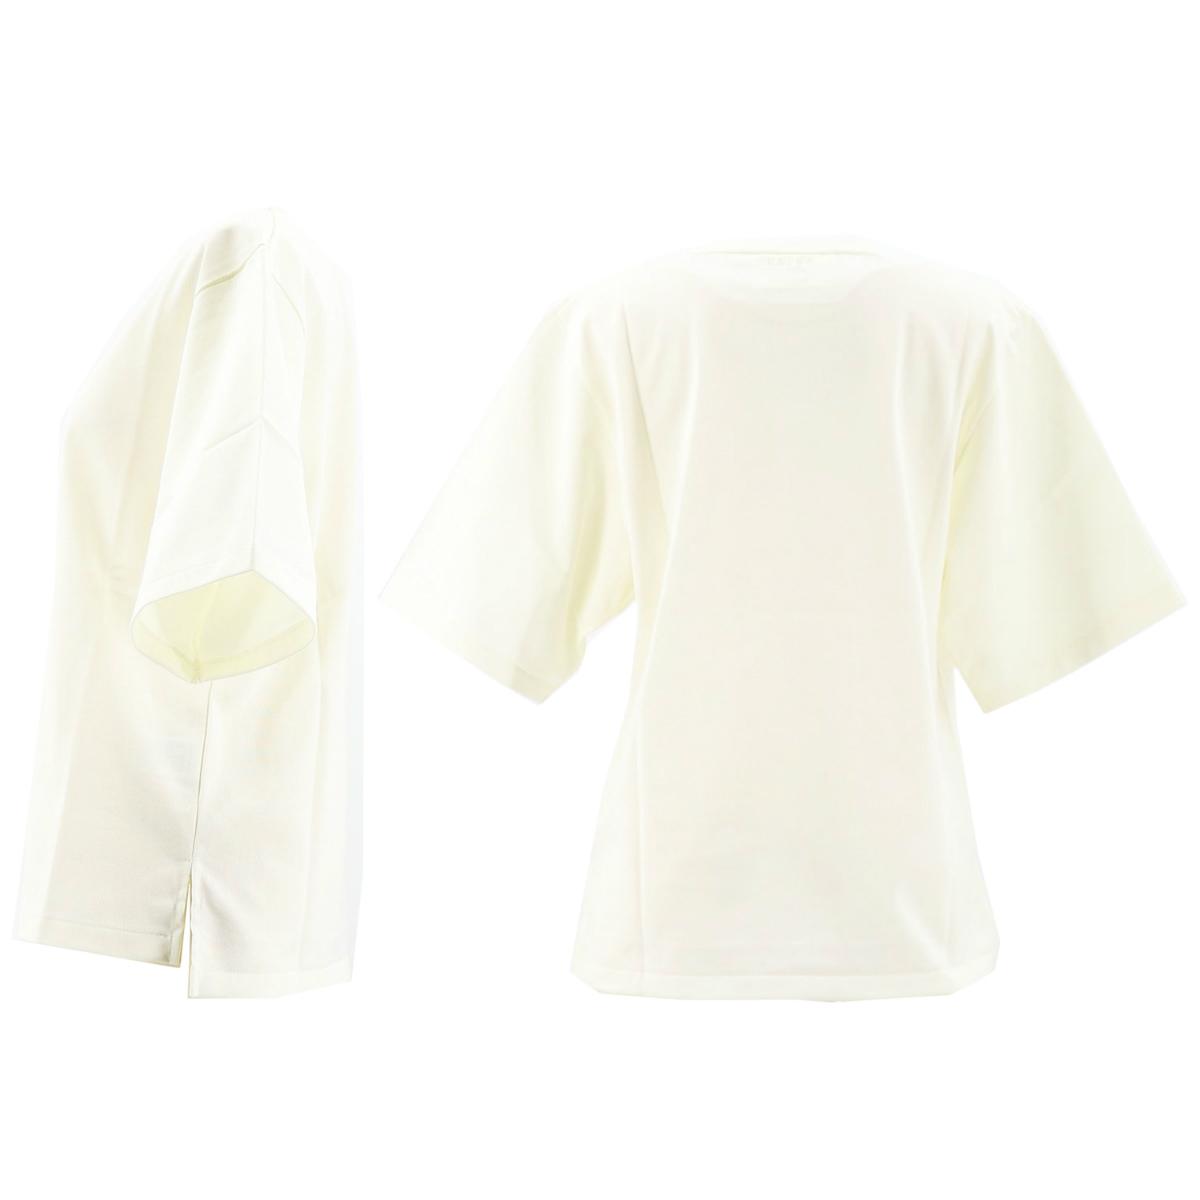 カルナ KALNA レディース ウルティマ コットン クルーネック 半袖Tシャツ 1A11202S KAL 011(オフホワイト) 春夏新作